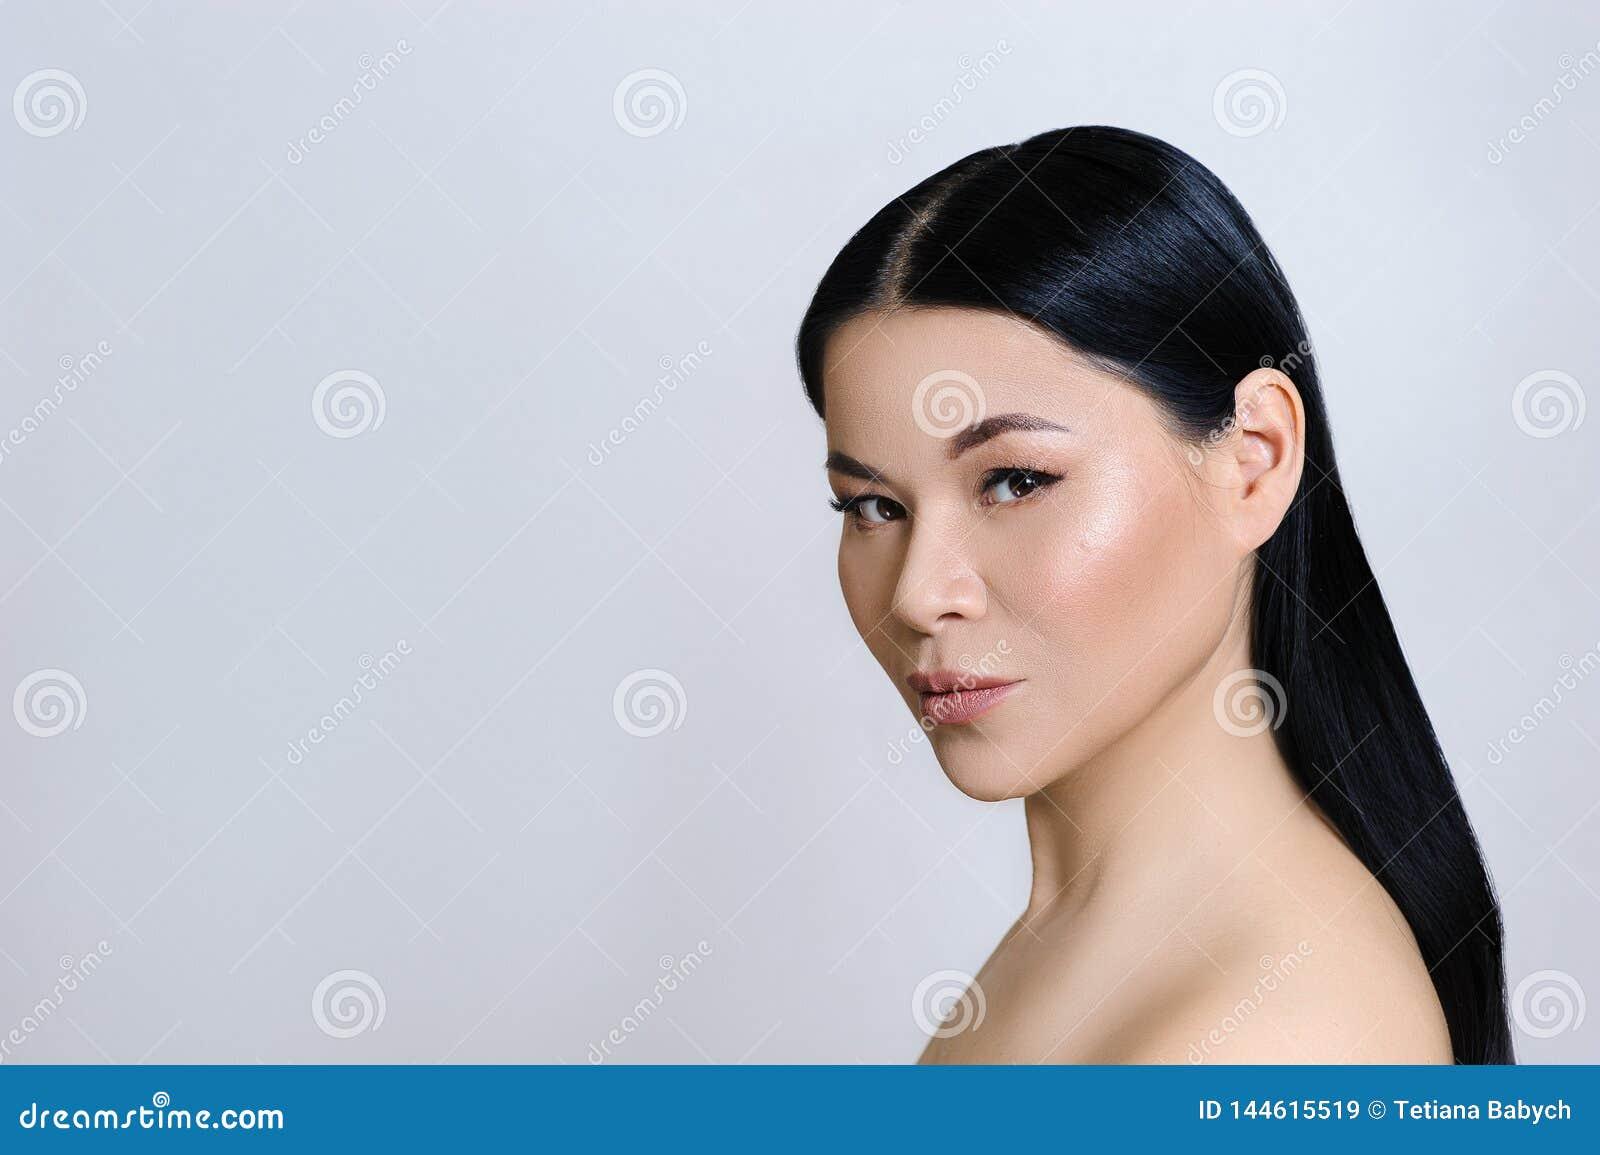 Mooi Aziatisch vrouwengezicht met schone verse huid, naakte make-up, de kosmetiek, gezondheidszorg, schoonheid en kuuroord